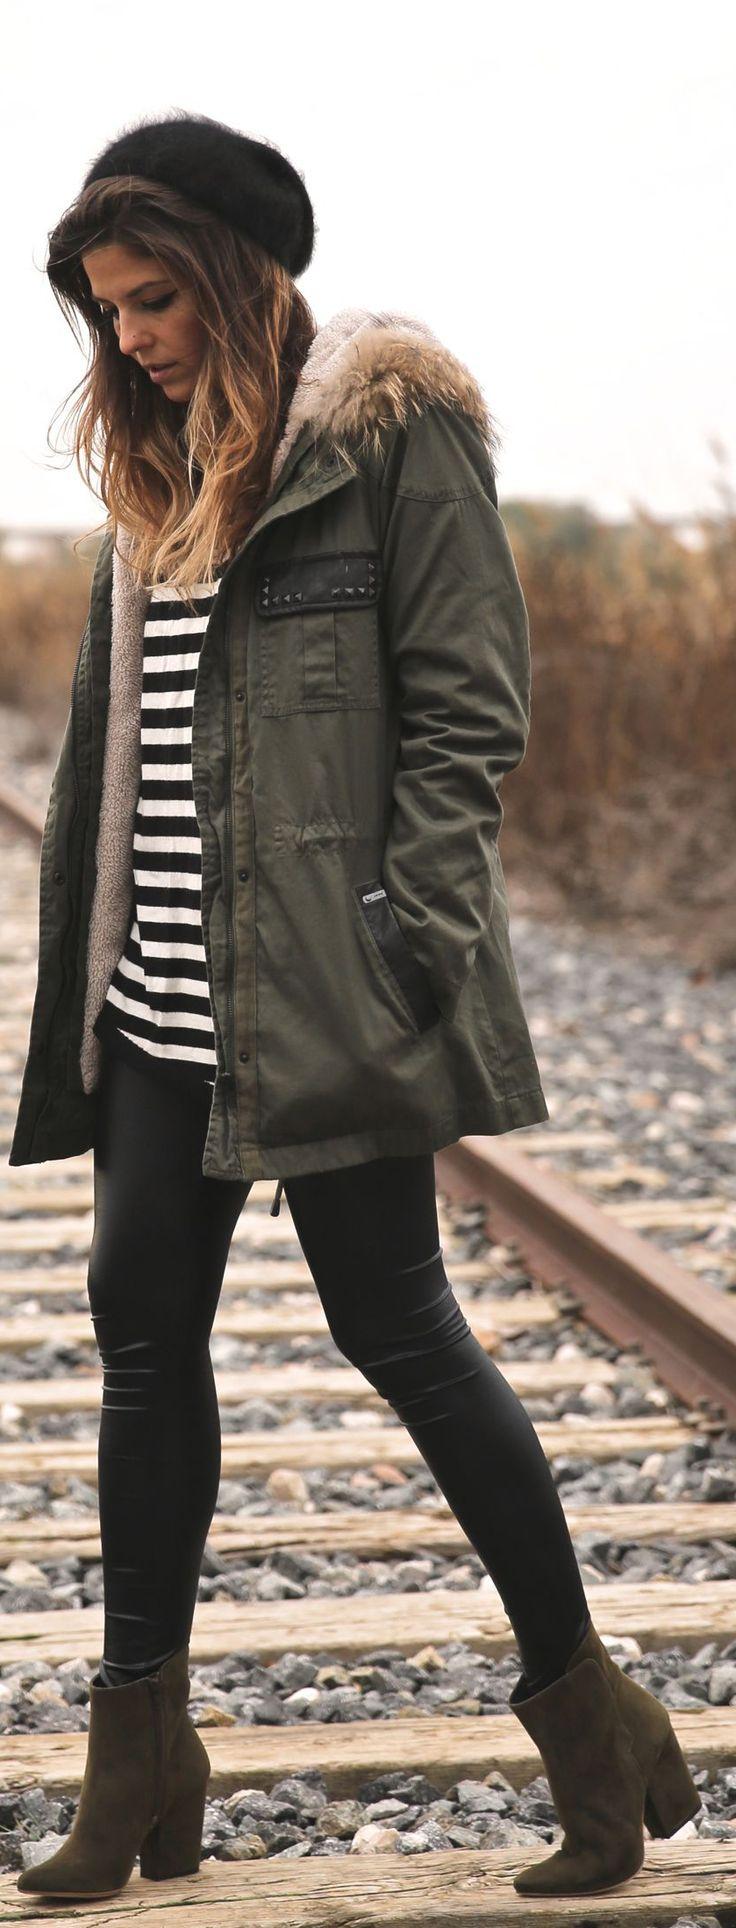 Top 25  best Khaki jacket ideas on Pinterest | Army jacket style ...